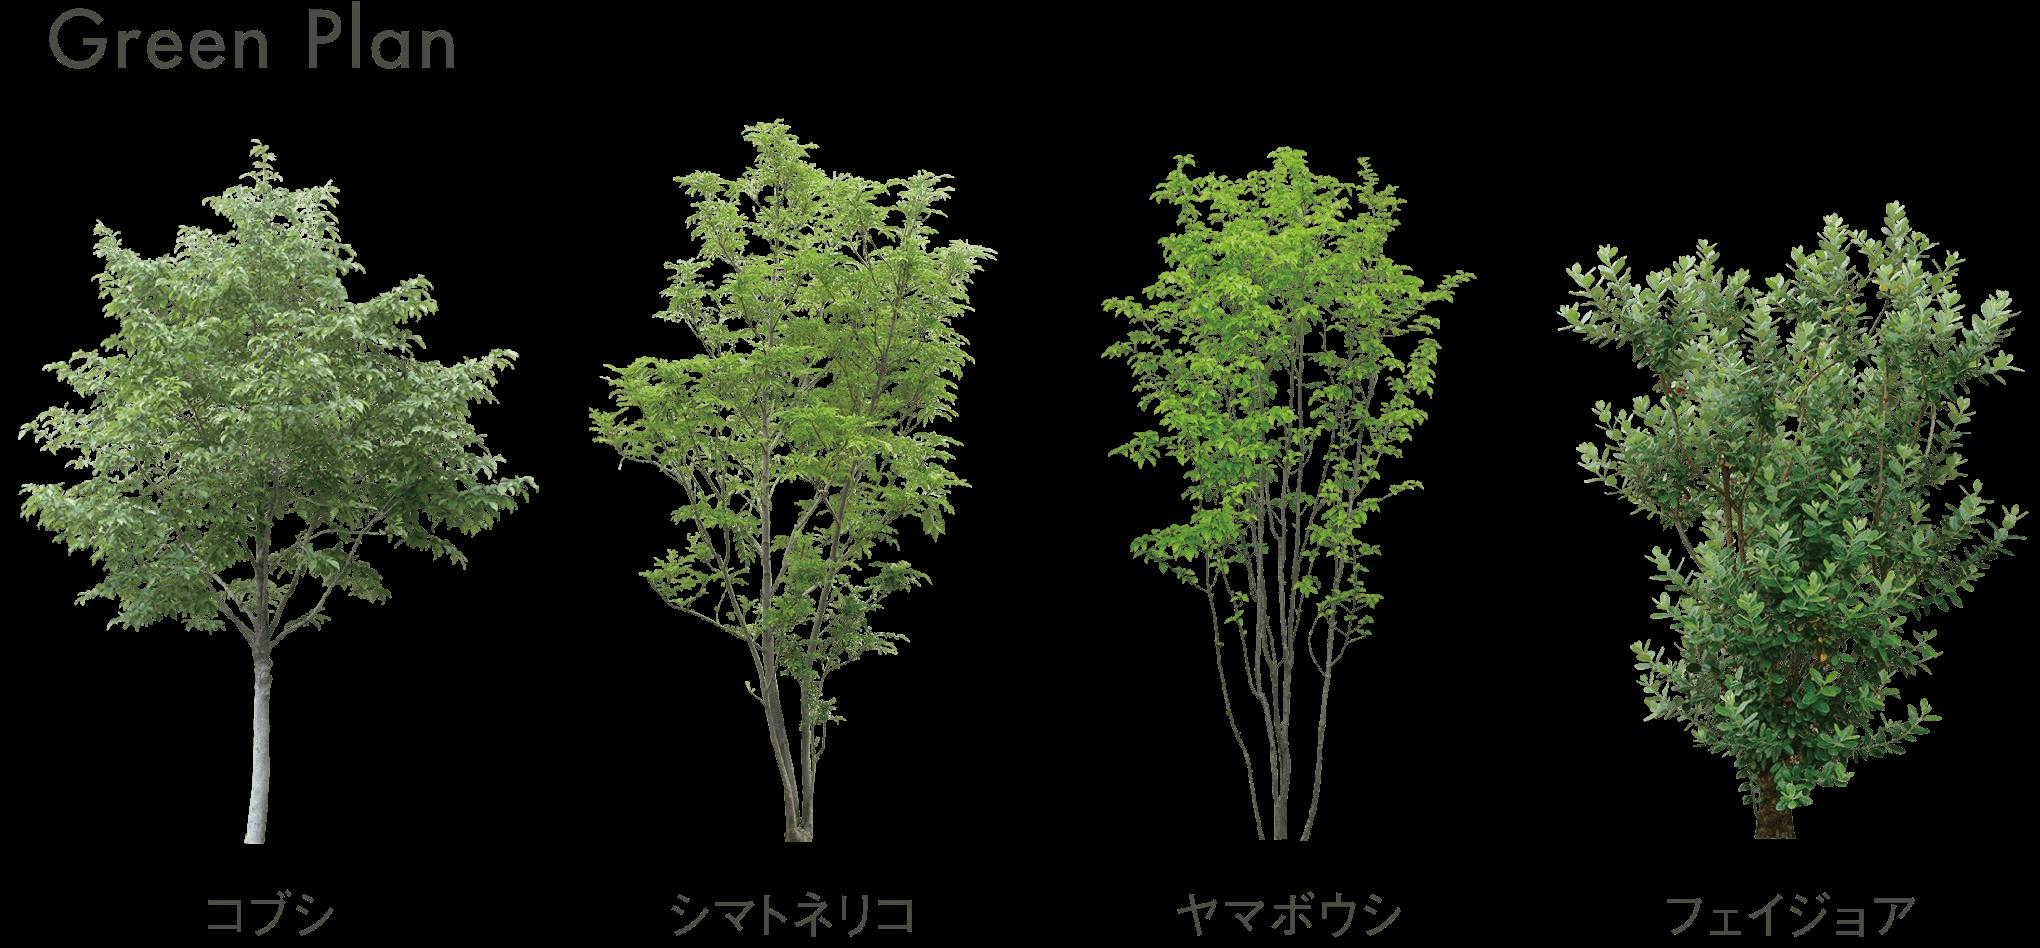 Green pran